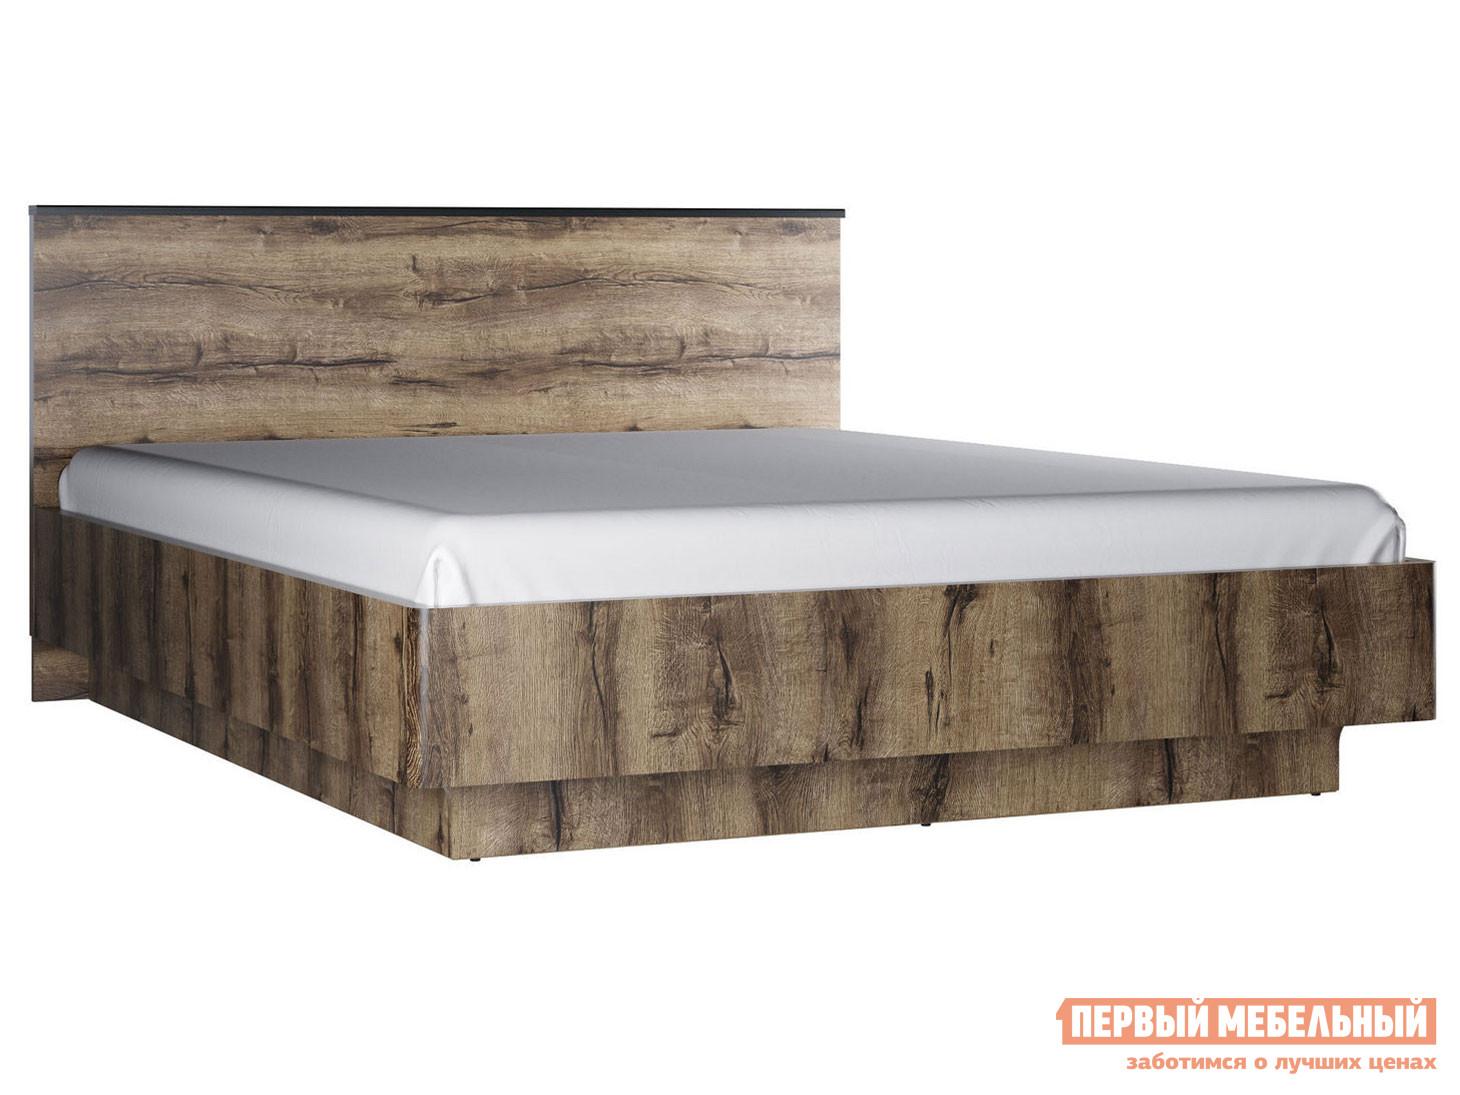 Кровать с подъемным механизмом Первый Мебельный Кровать Джагер с подъемным механизмом 160х200